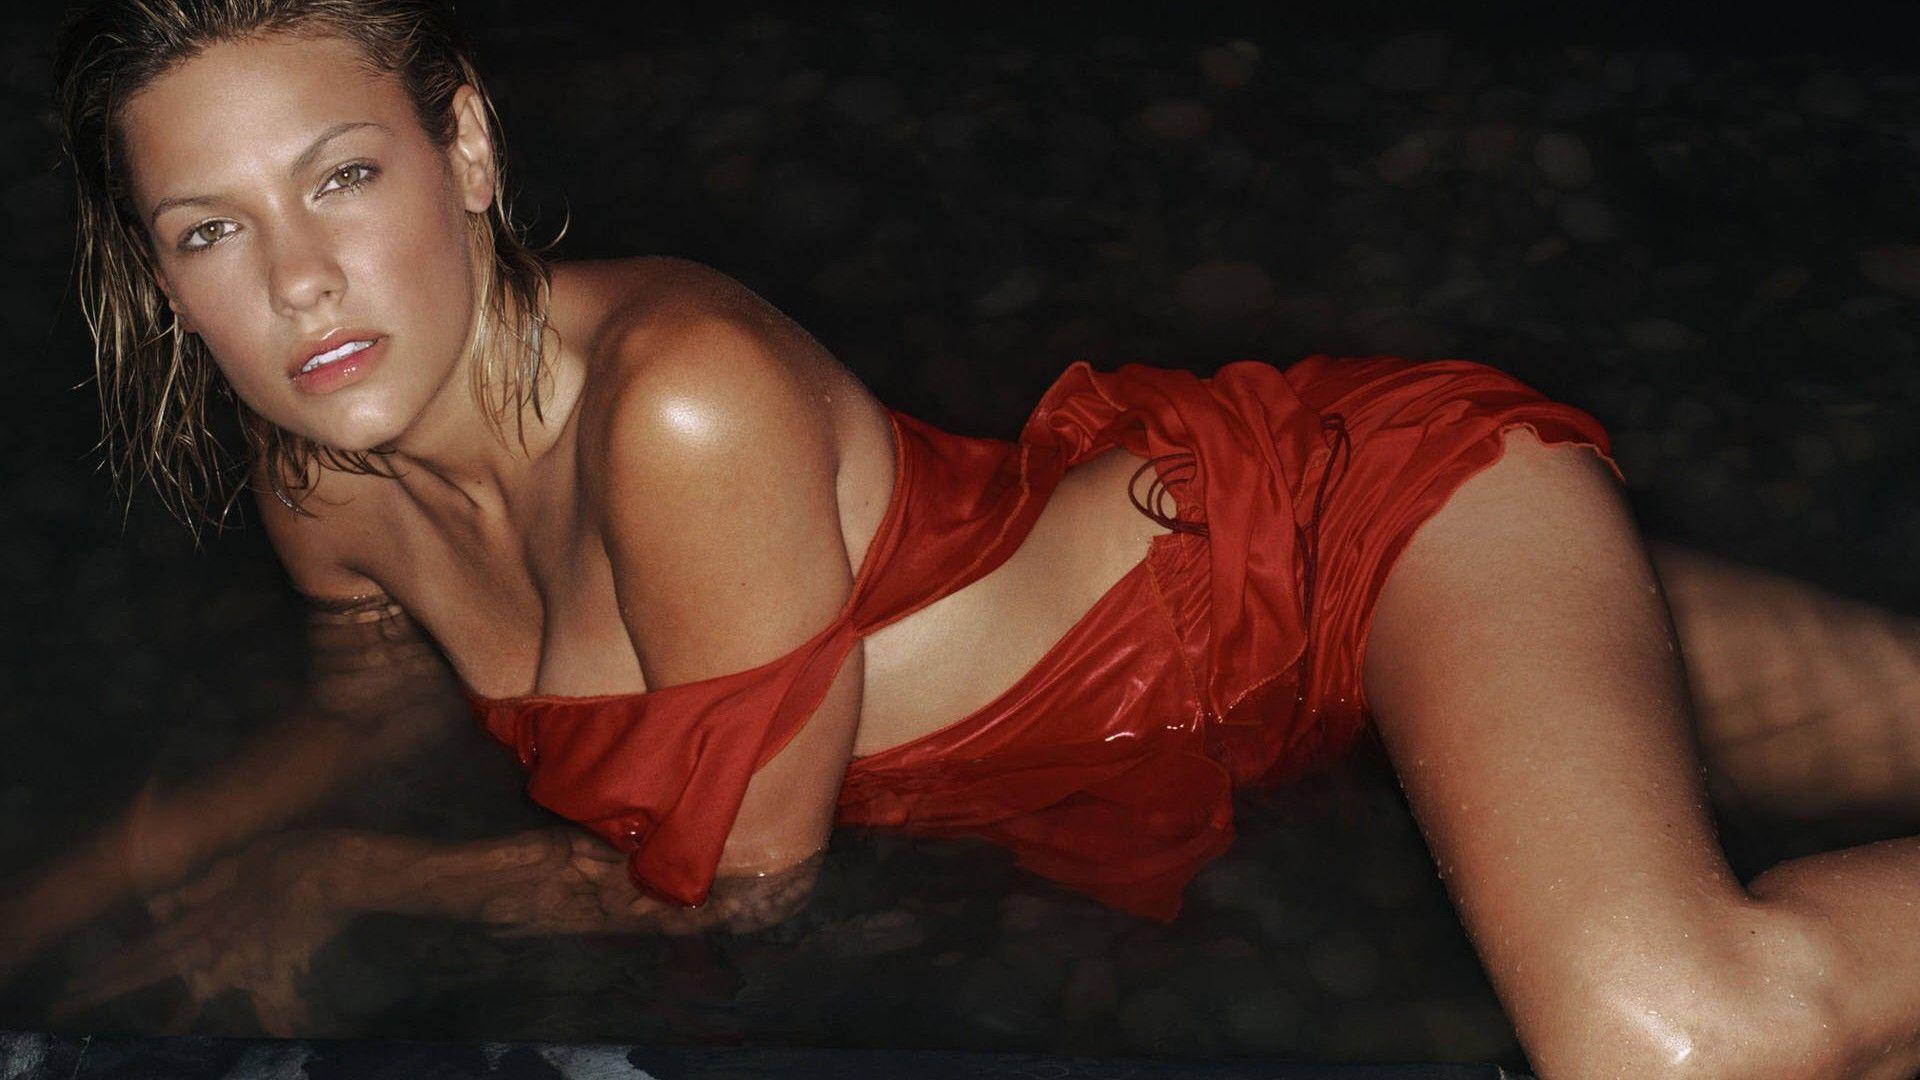 Ass Kiele Sanchez nude (63 foto and video), Tits, Bikini, Boobs, braless 2019